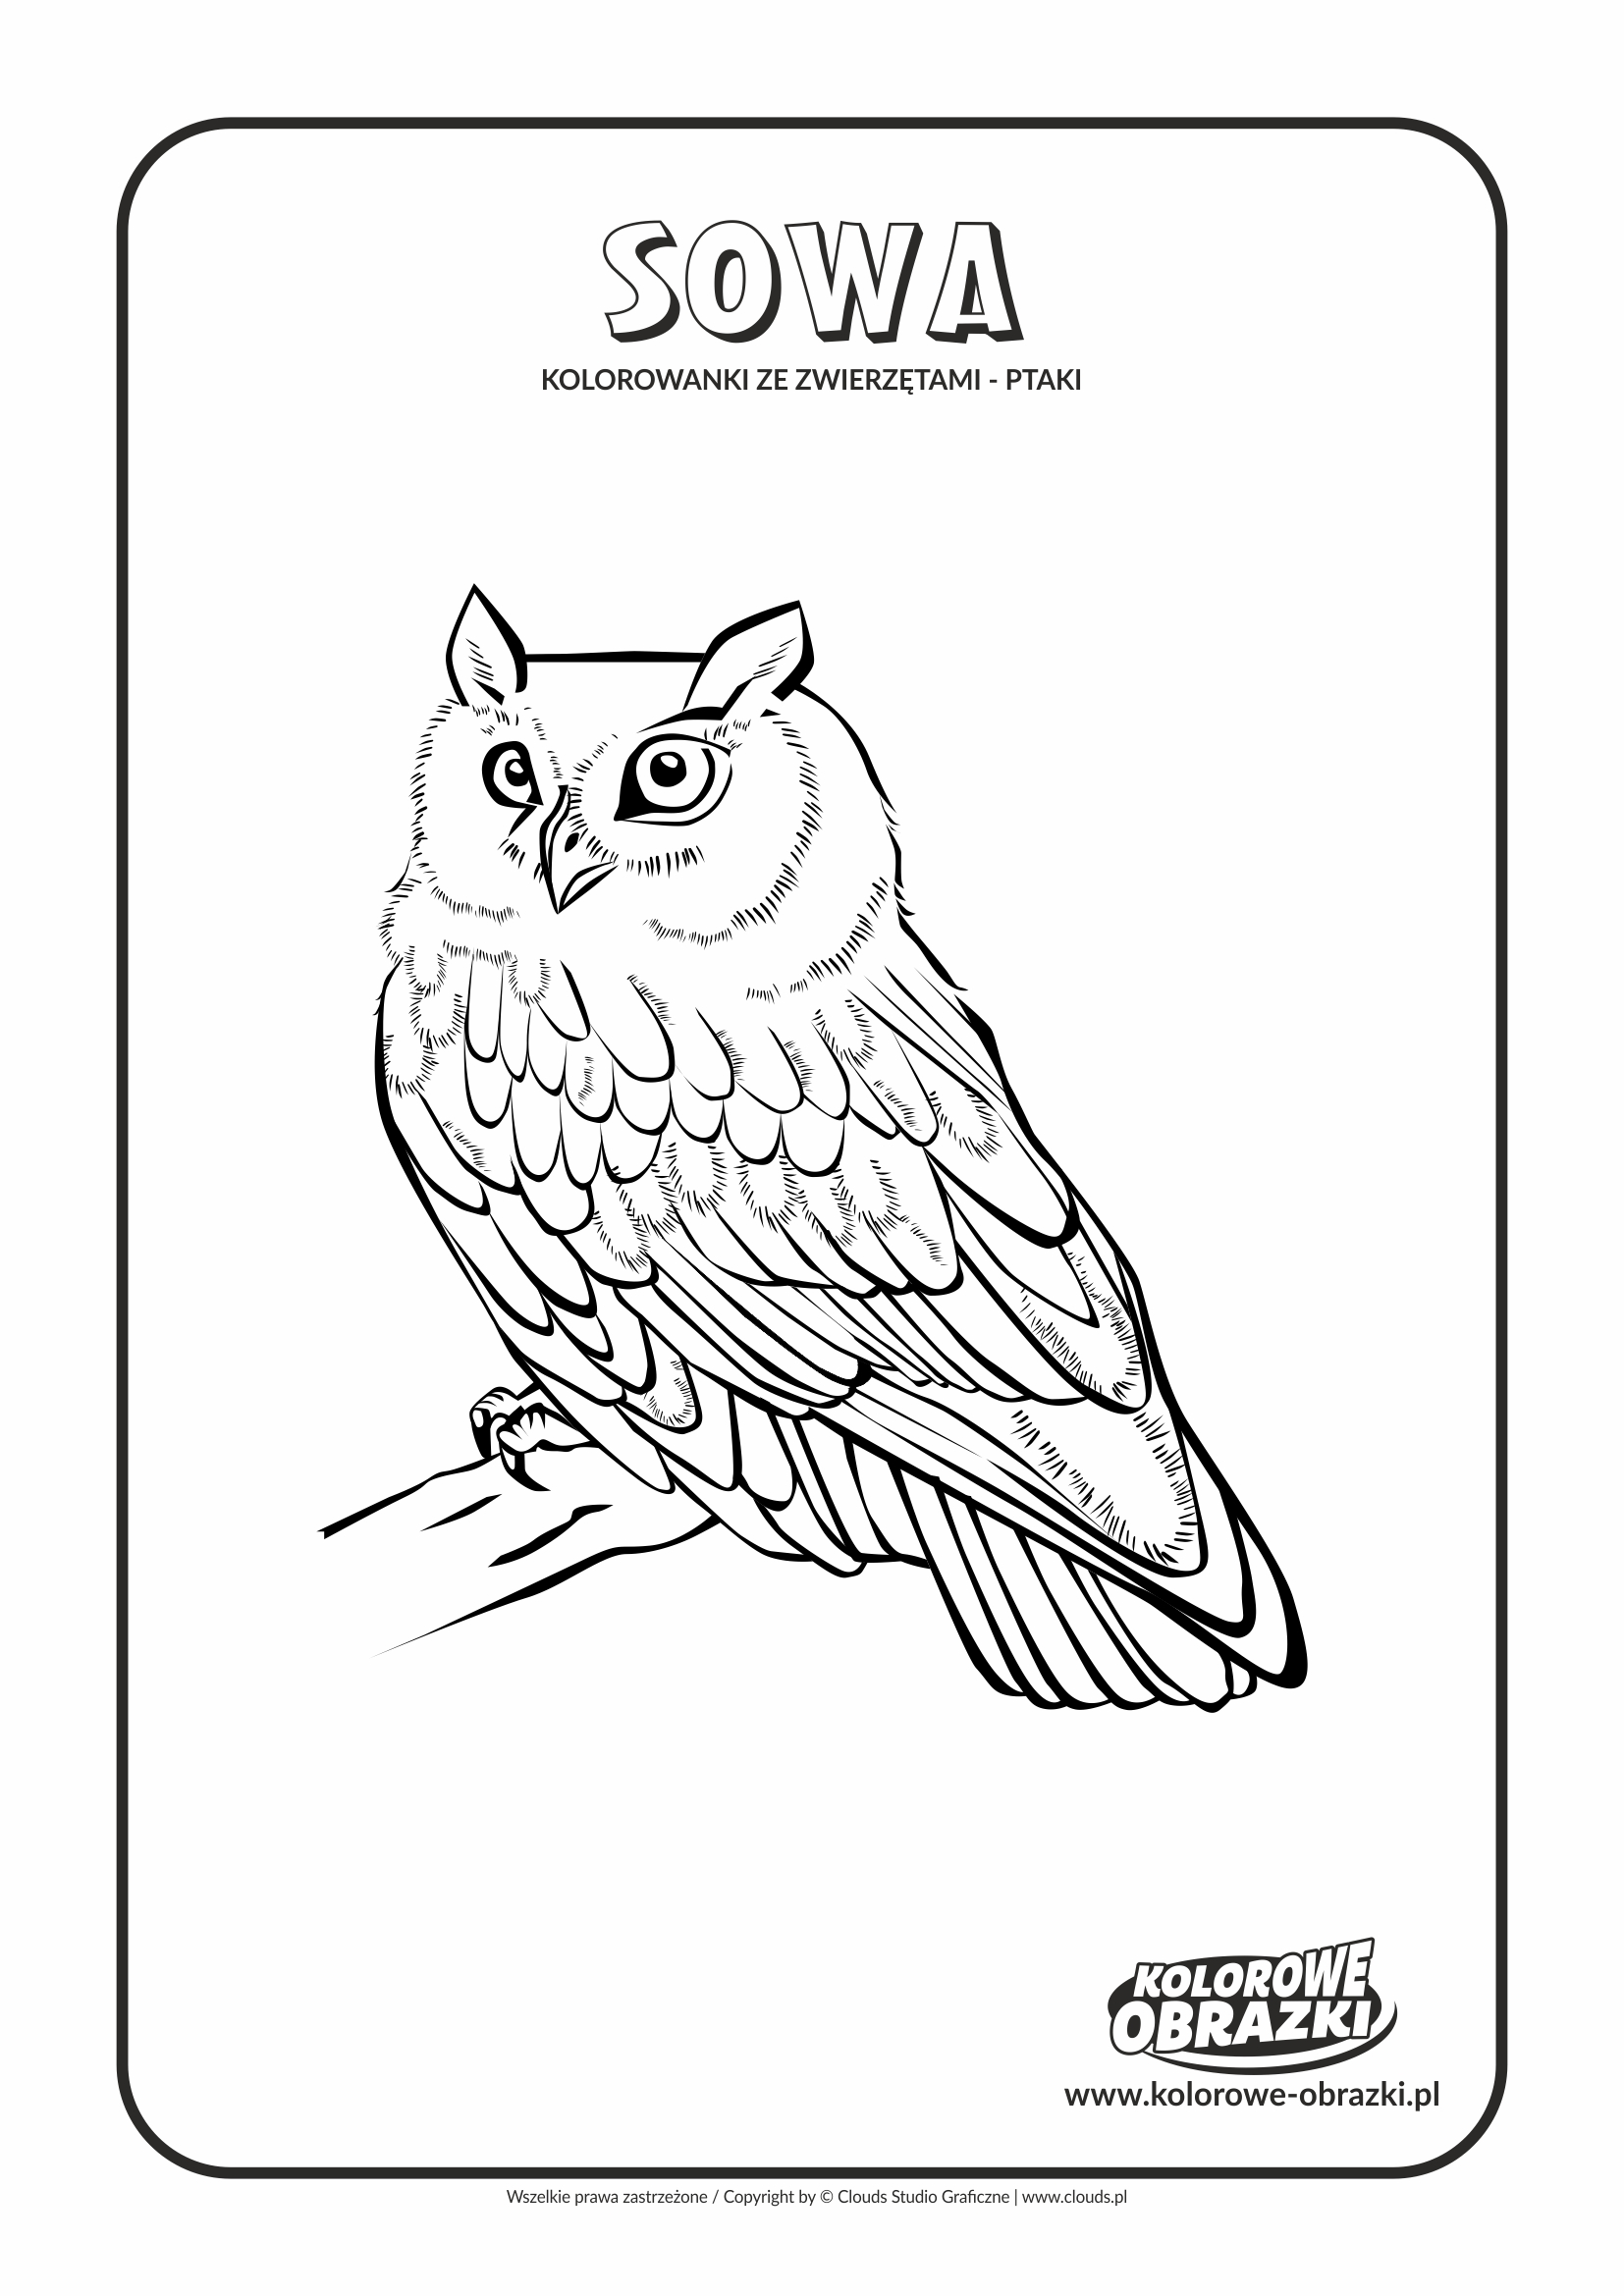 Kolorowanki dla dzieci - Zwierzęta / Sowa. Kolorowanka z sową